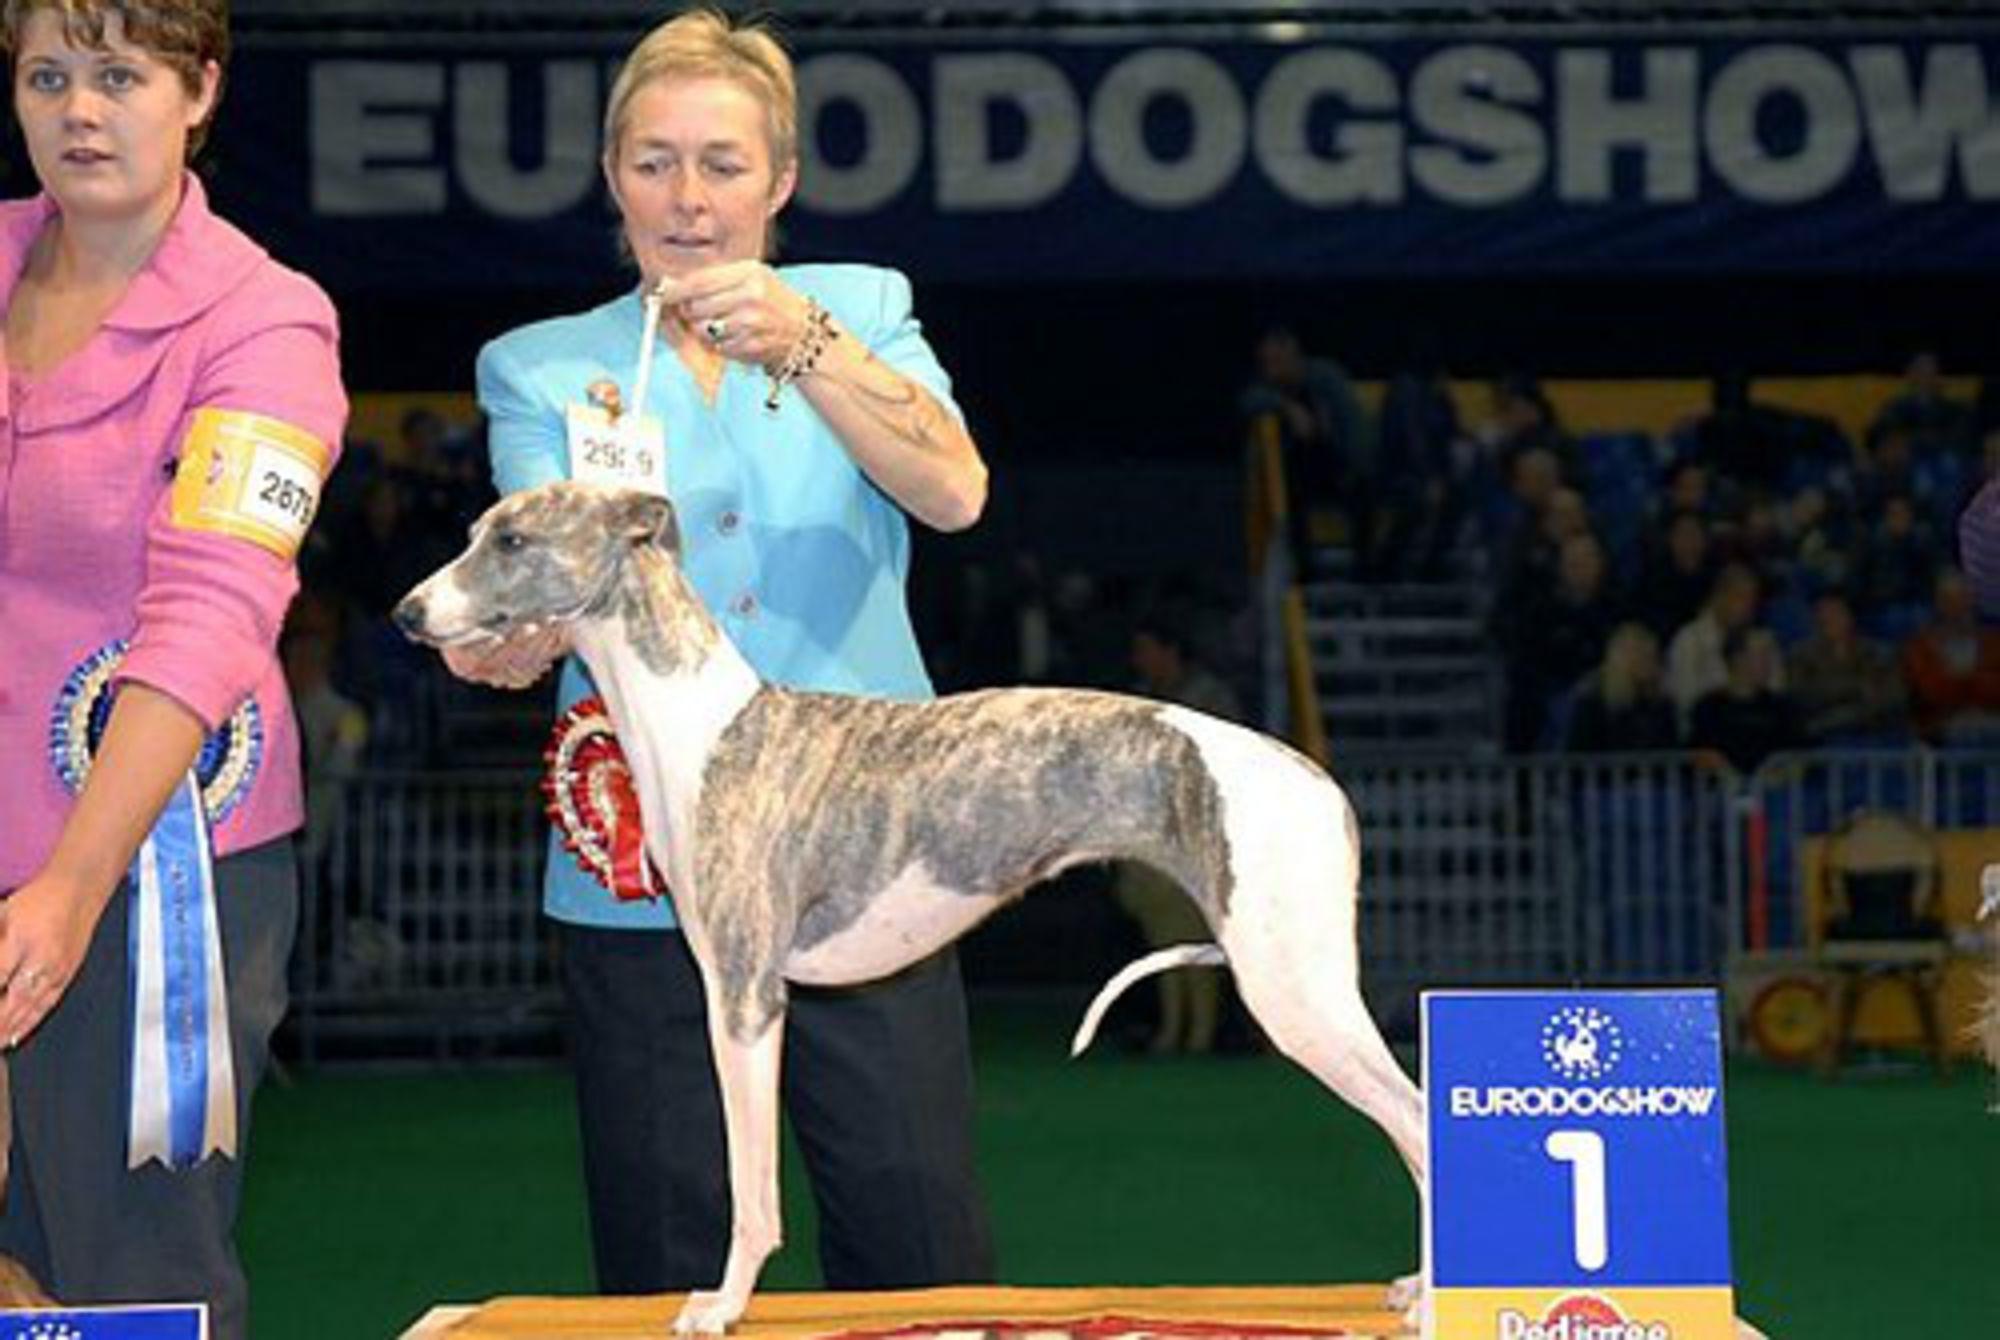 Eurodogshow